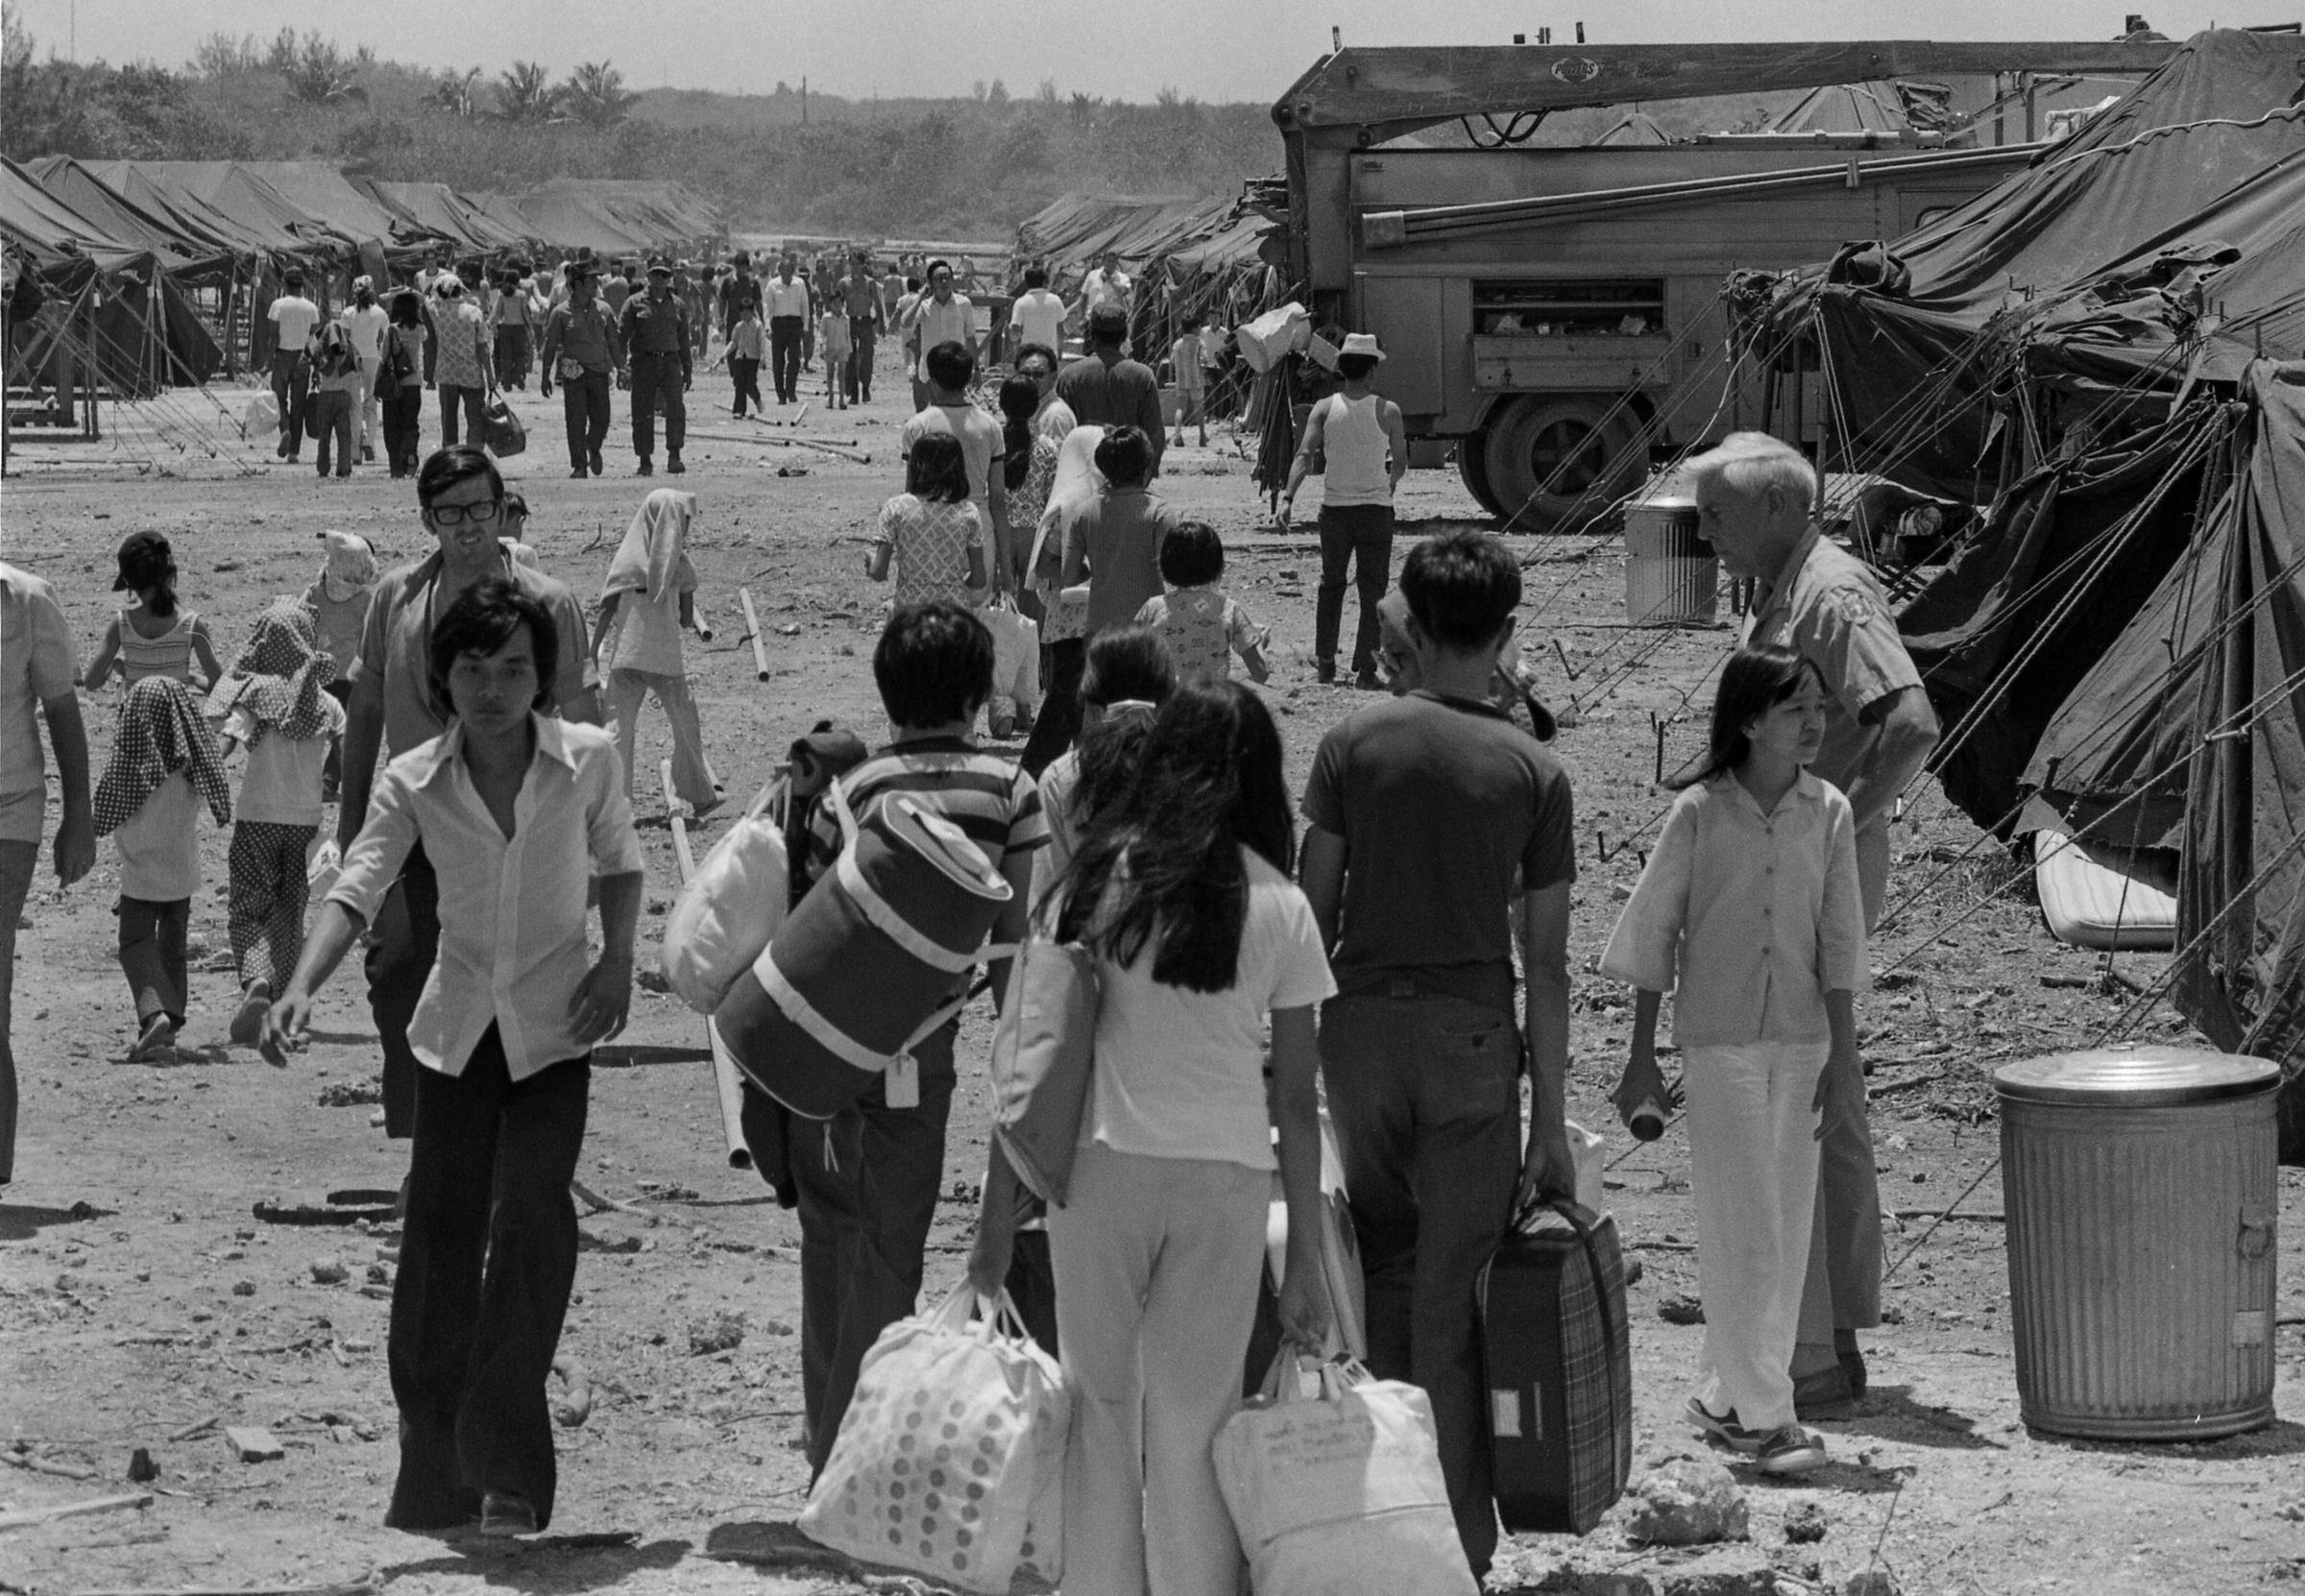 أكثر من 3000 لاجئ من جنوب فيتنام يدخلون المخيم في كروت بوينت في قاعدة غوام البحرية بعد نقلهم من قاعدة كلارك الجوية في الفلبين ، 26 أبريل 1975.